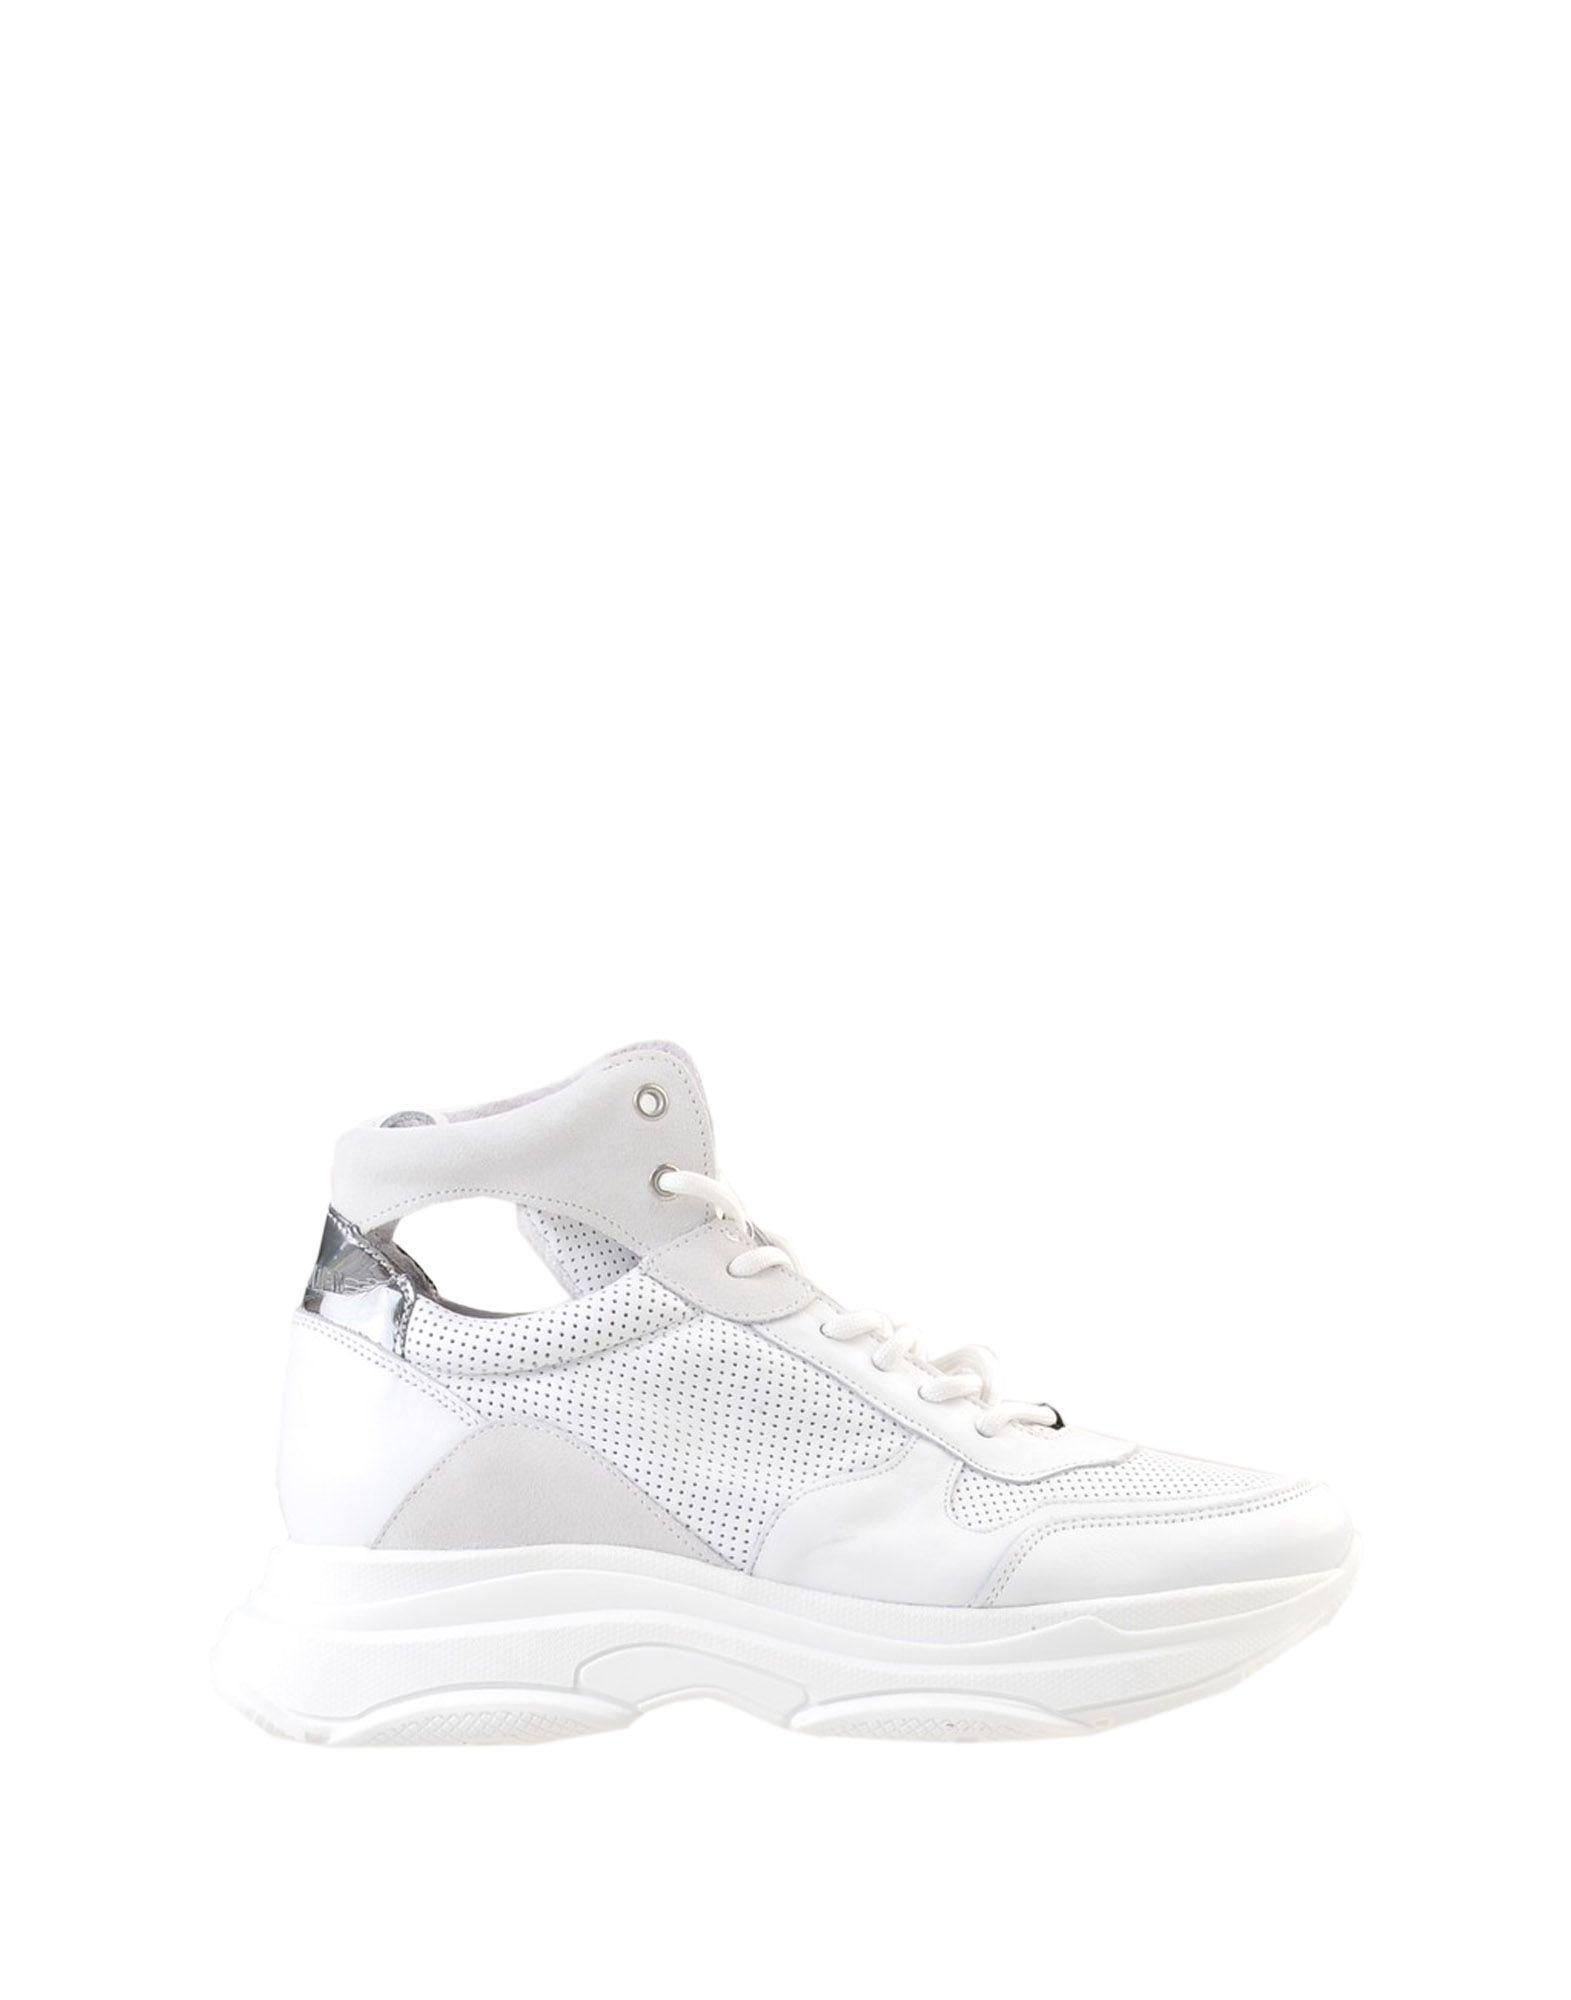 Steve Madden Zova - Sneakers - Women Steve Madden Sneakers - online on  Canada - Sneakers 11567618RL 944c31